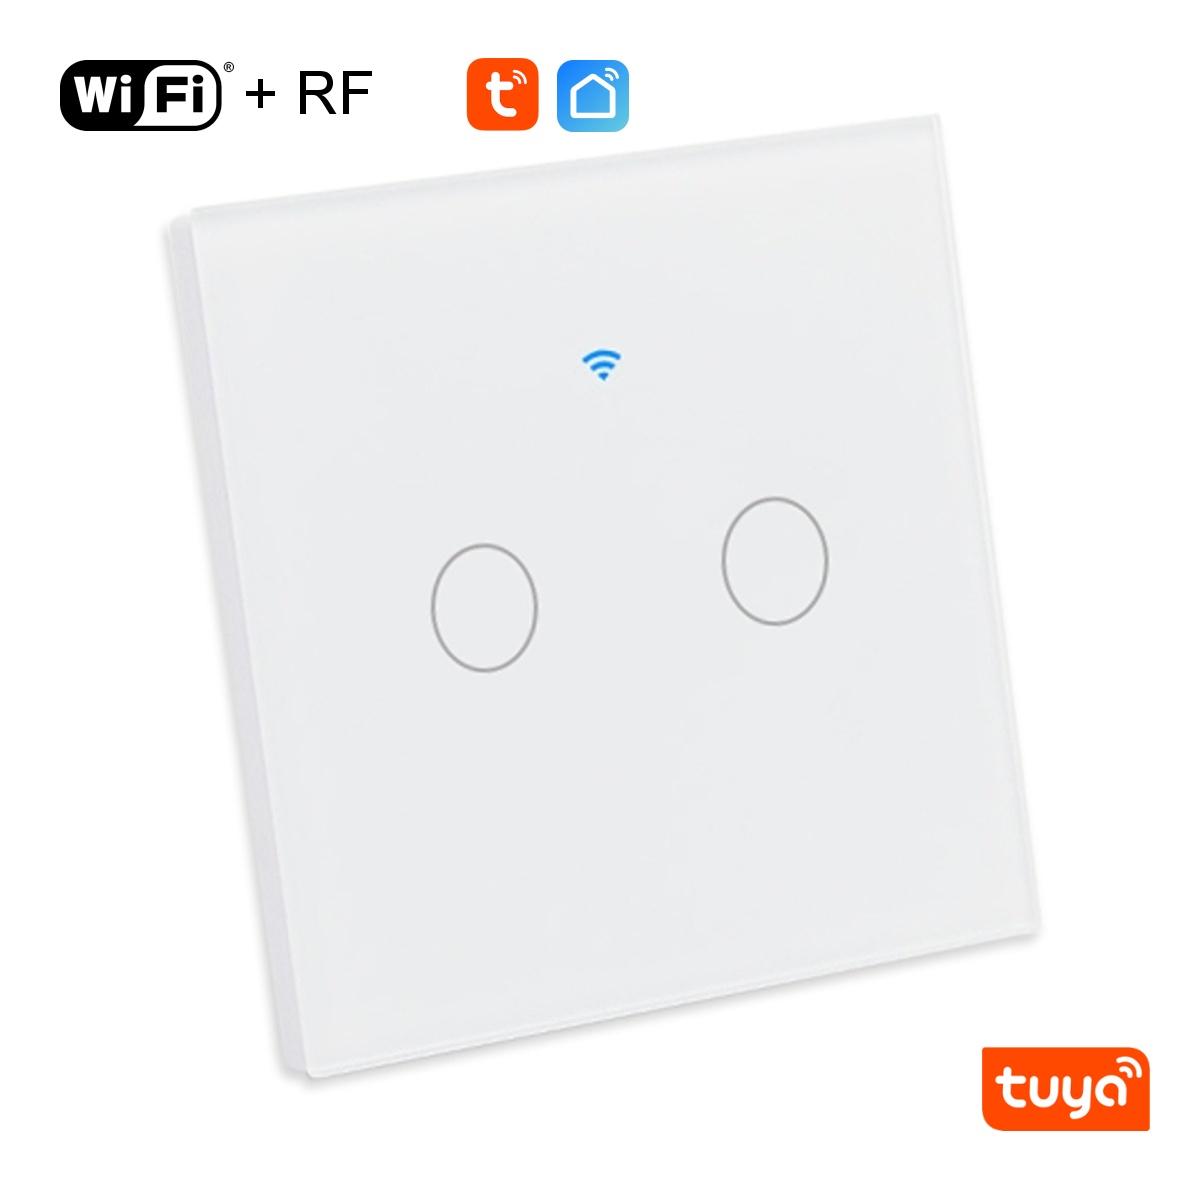 Dvoutlačítkový WiFi+RF vypínač - Tuya